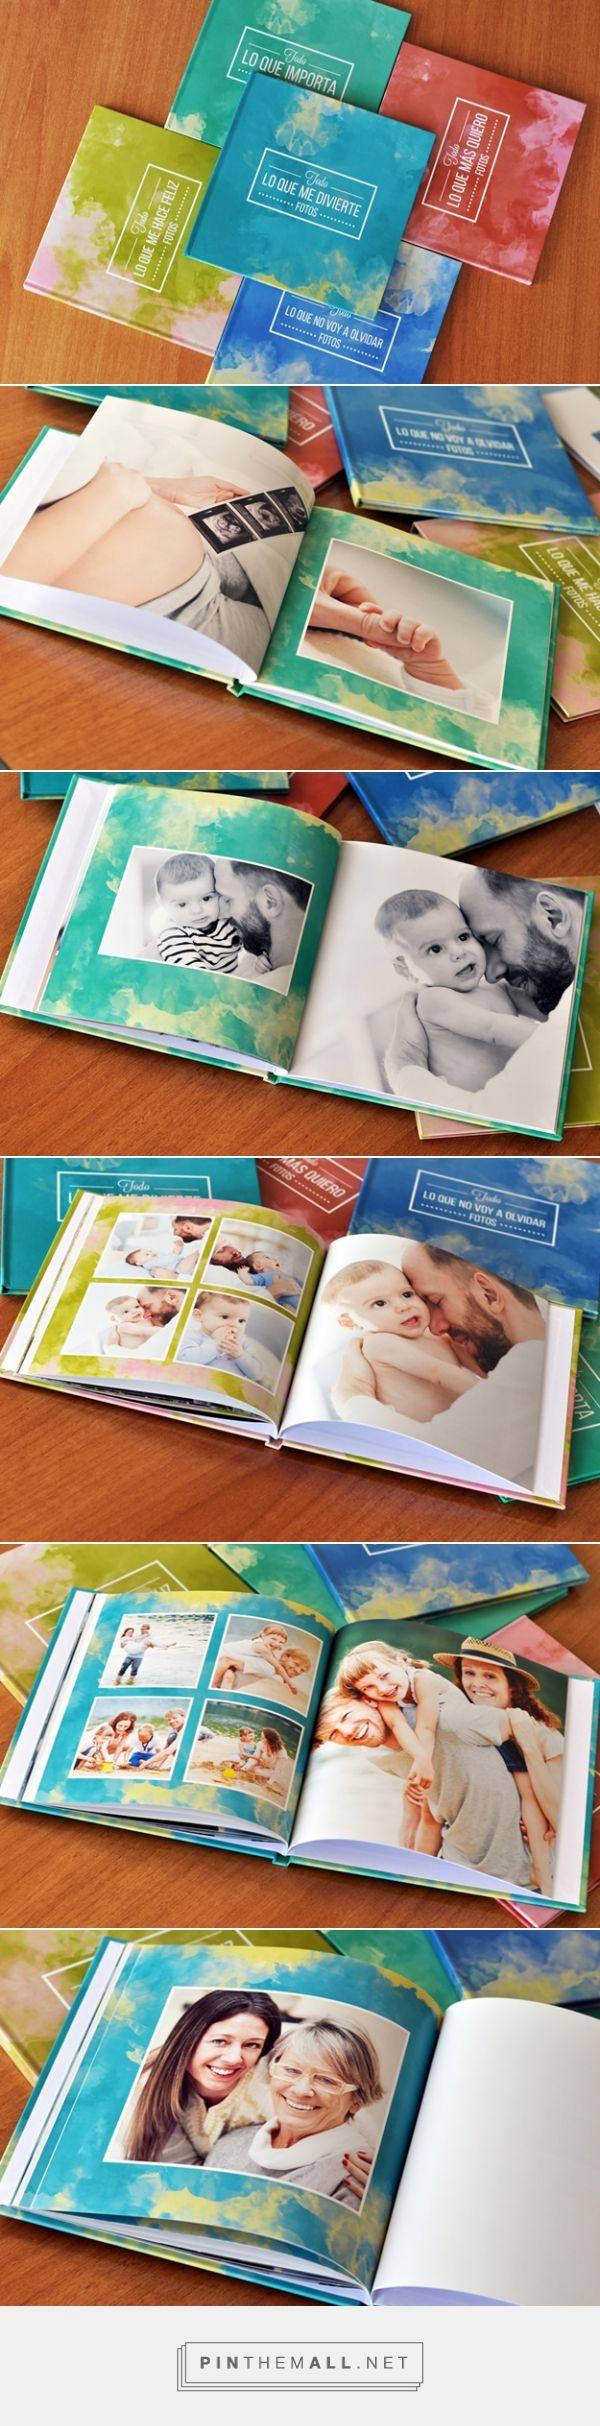 Acuarela Colors. Fotolibro multipropósito para descargar y completar con tus fotos. | Blog - Fábrica de Fotolibros: http://www.fabricadefotolibros.com/blog/acuarela-colors-fotolibro-multiproposito-para-descargar-y-completar-con-tus-fotos/